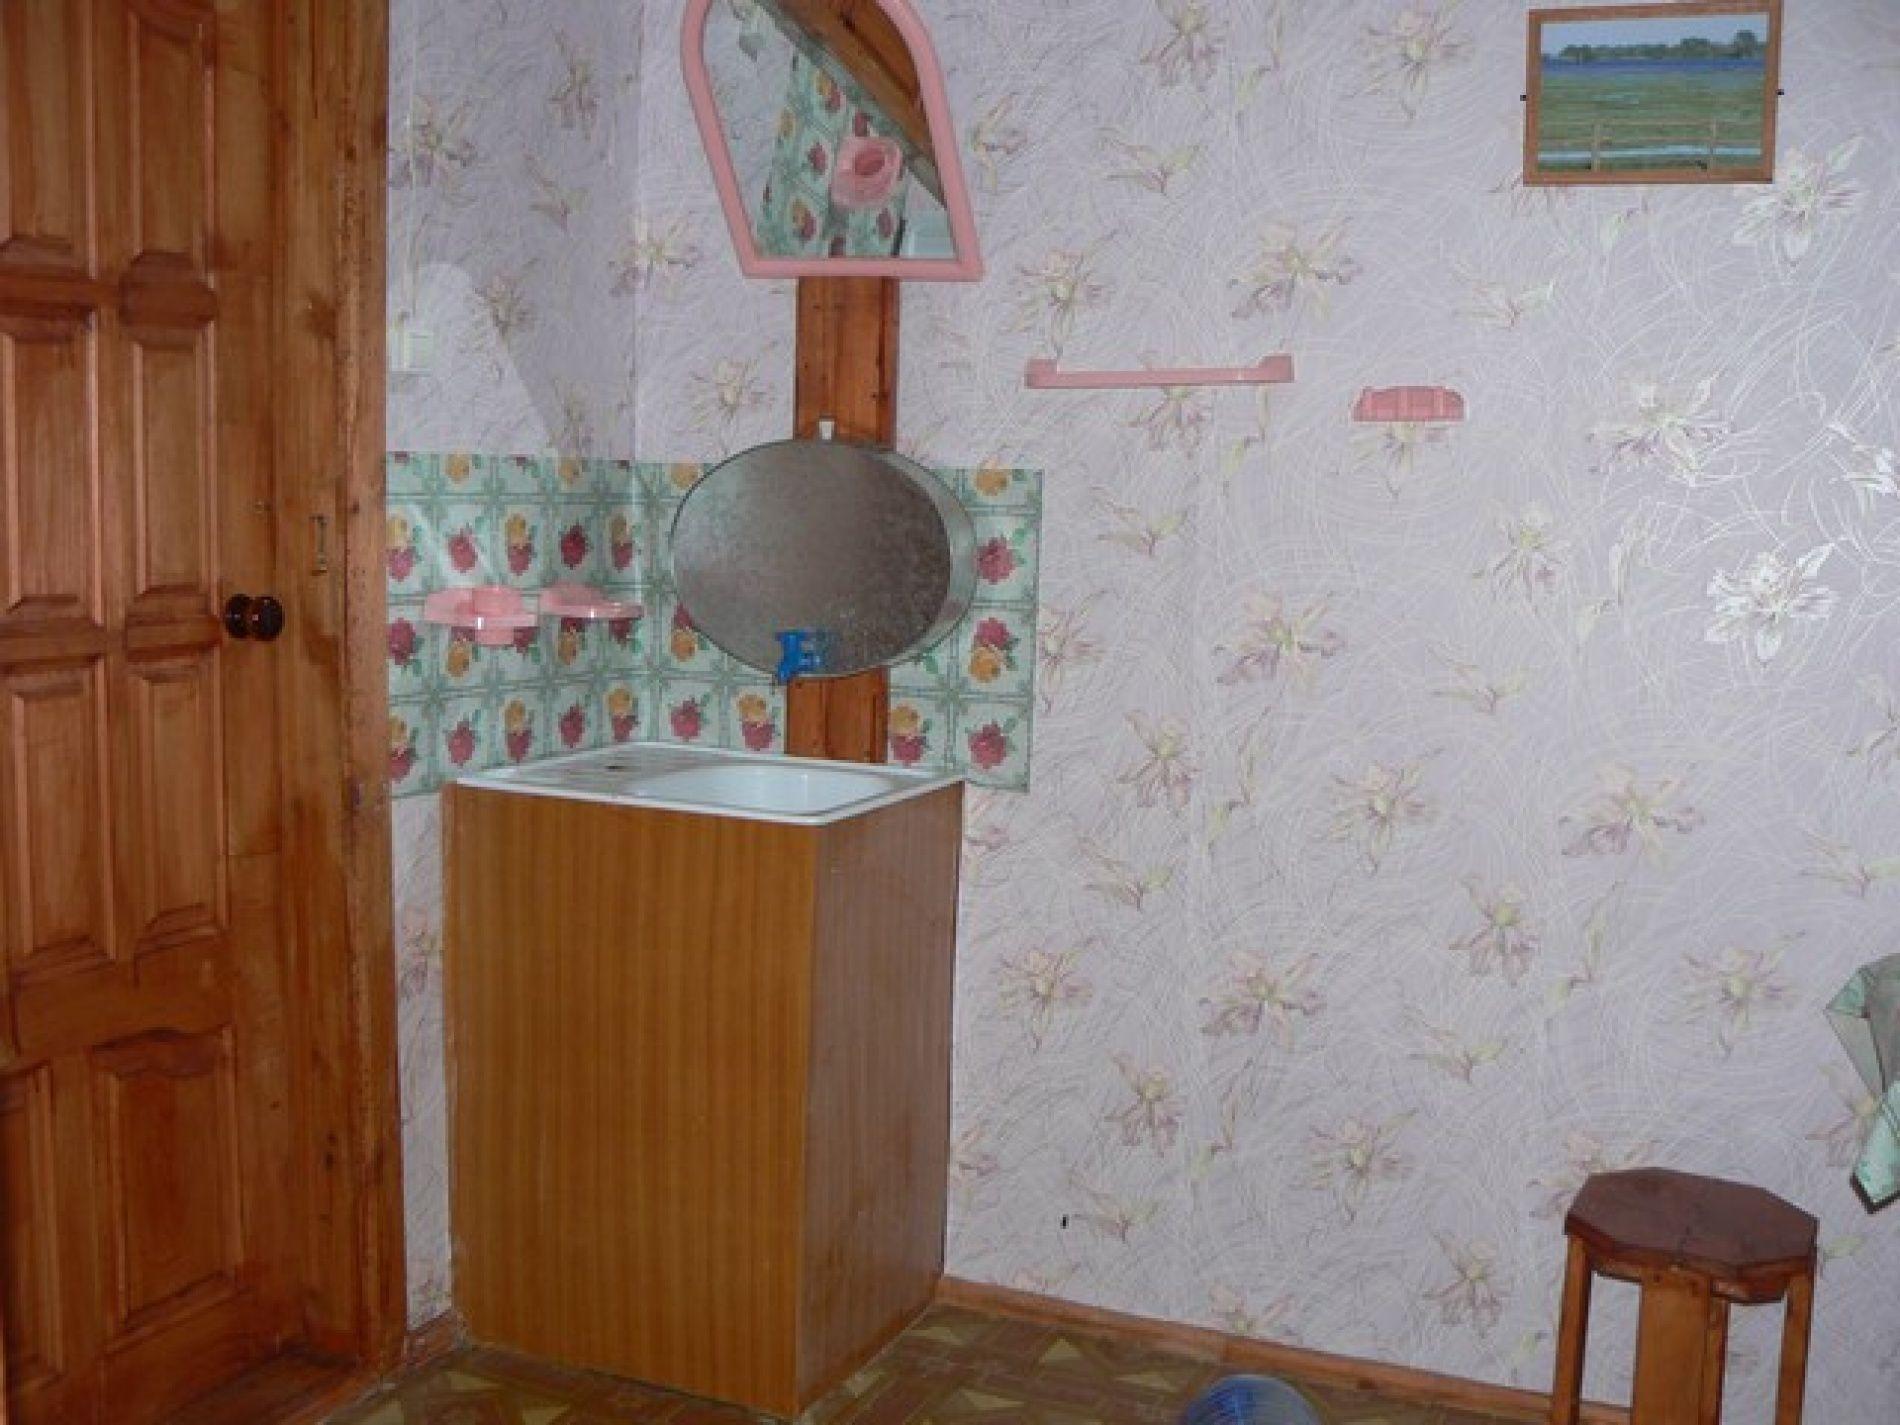 """База отдыха """"Ахтуба-клуб"""" Астраханская область 4-местный коттедж, фото 9"""